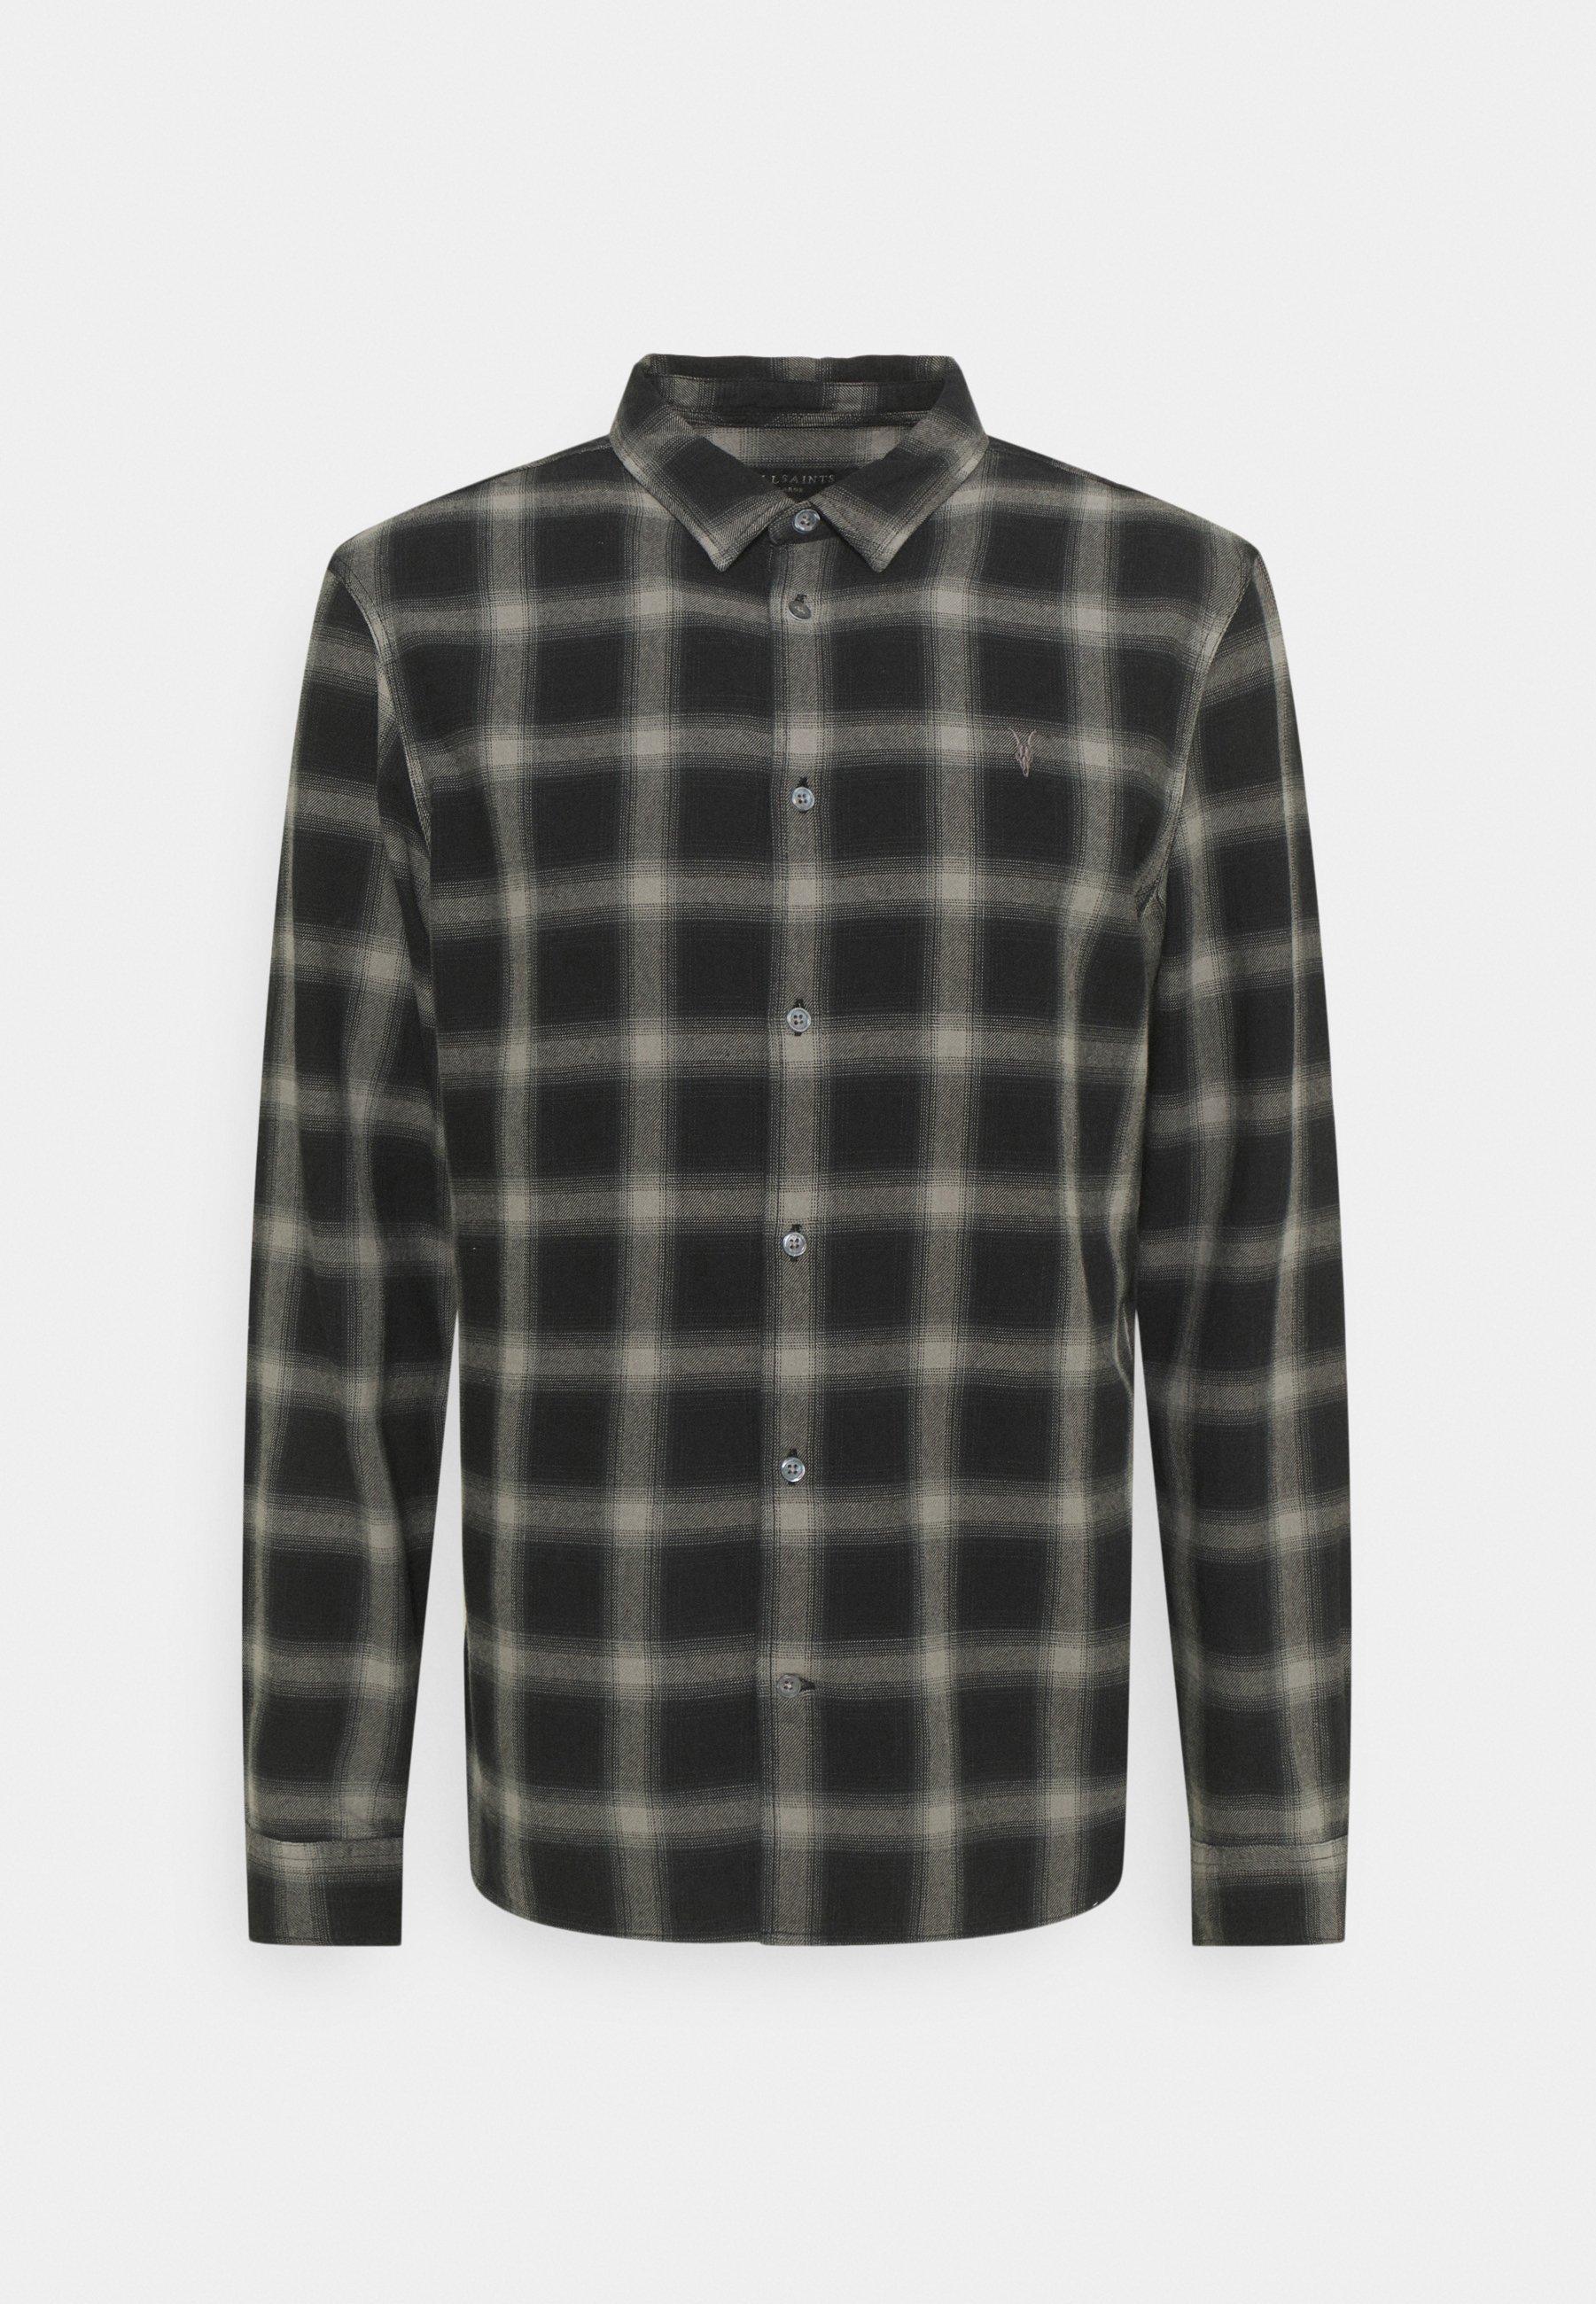 Men MISSOULA SHIRT - Shirt